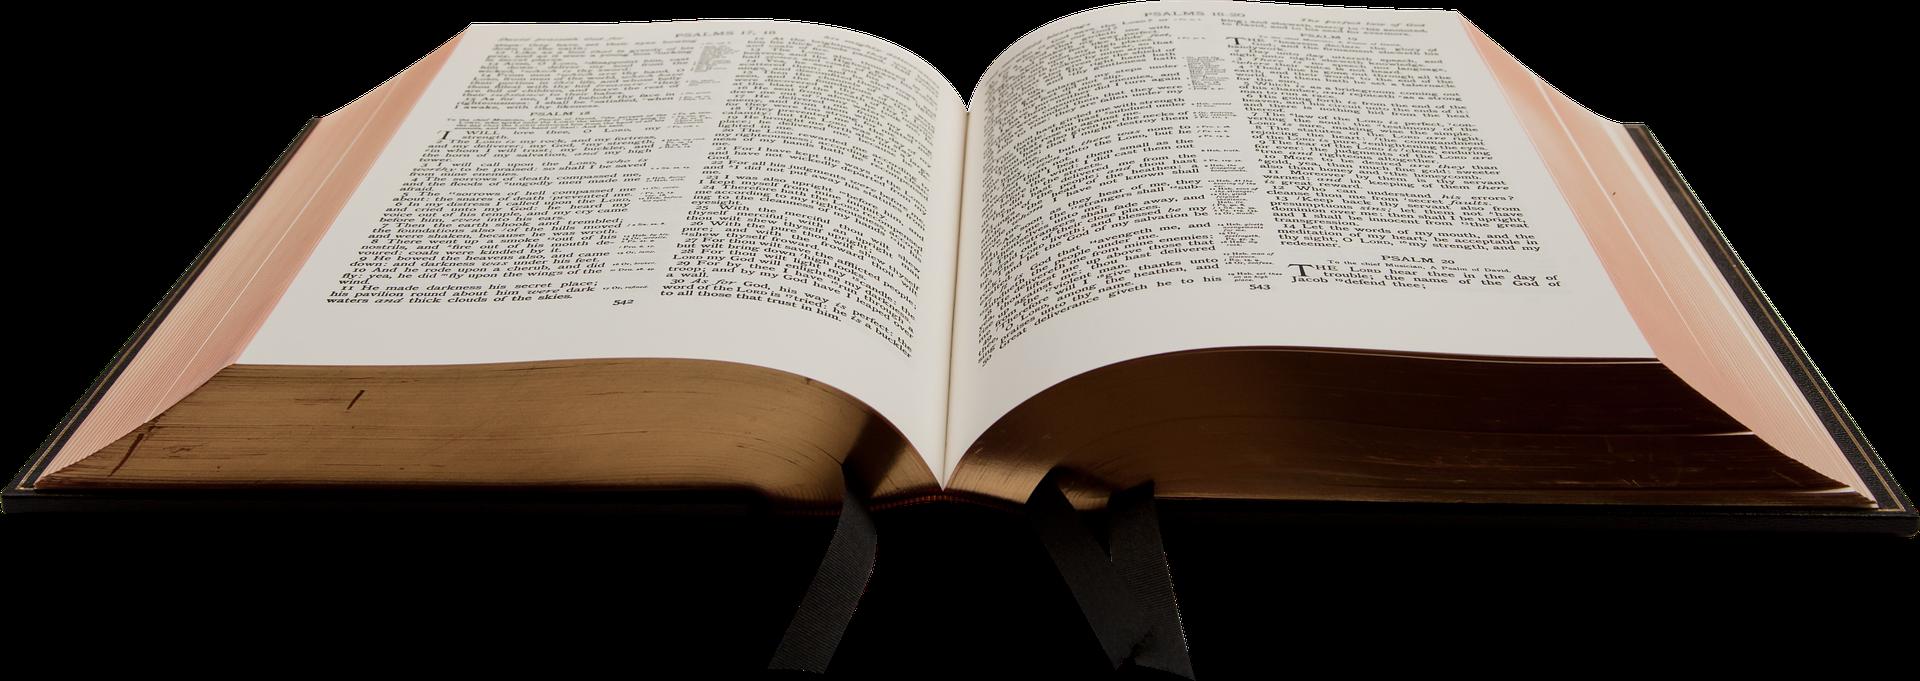 Włoskie imiona biblijne i religijne